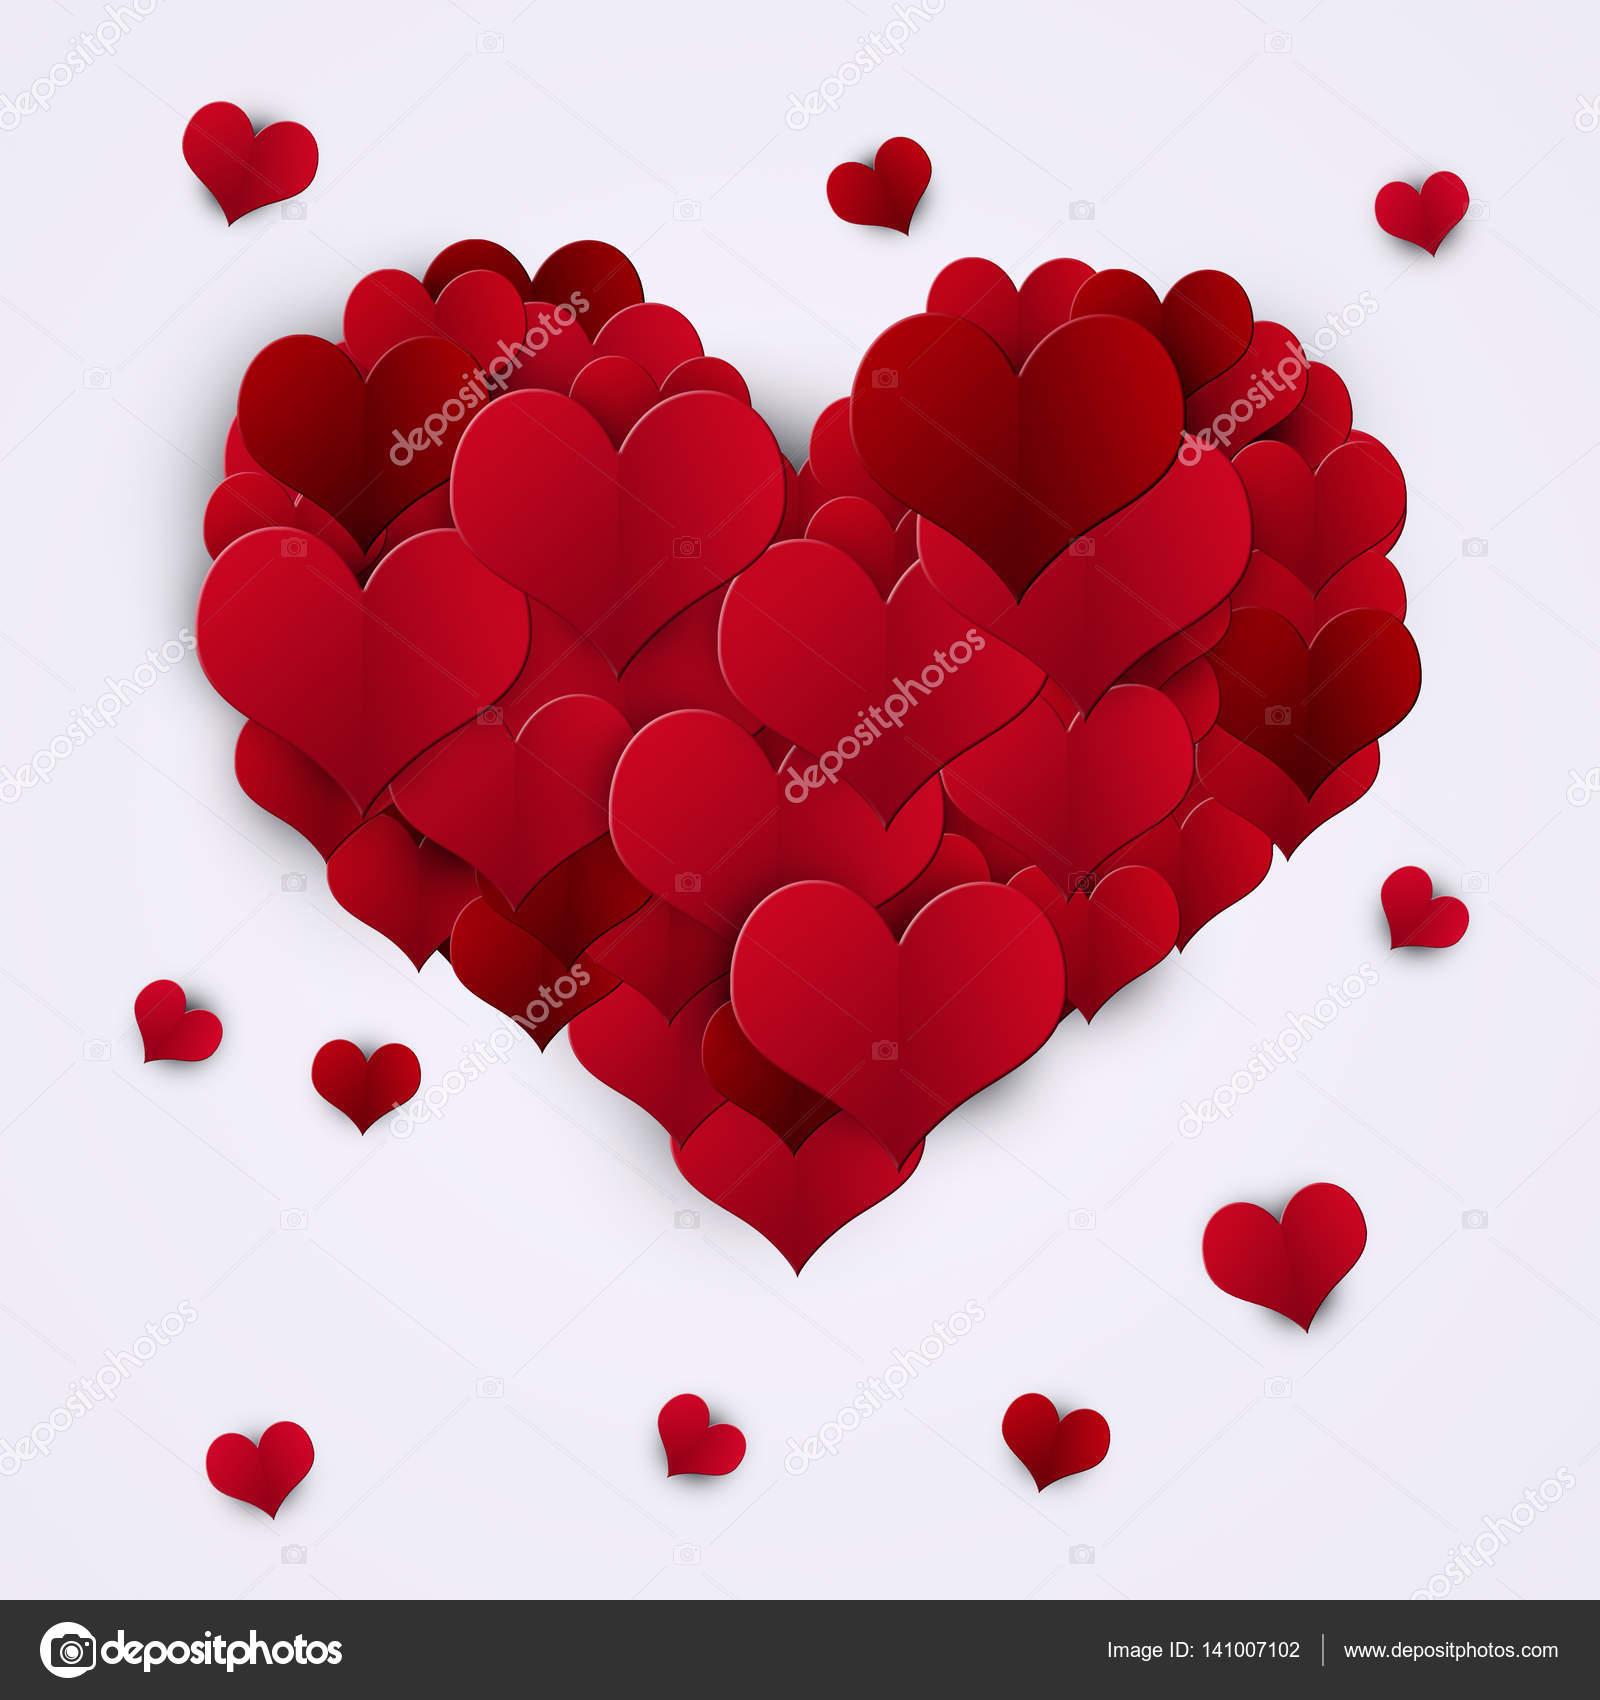 Decorazione di san valentino cuori rossi foto stock - Decorazione san valentino ...